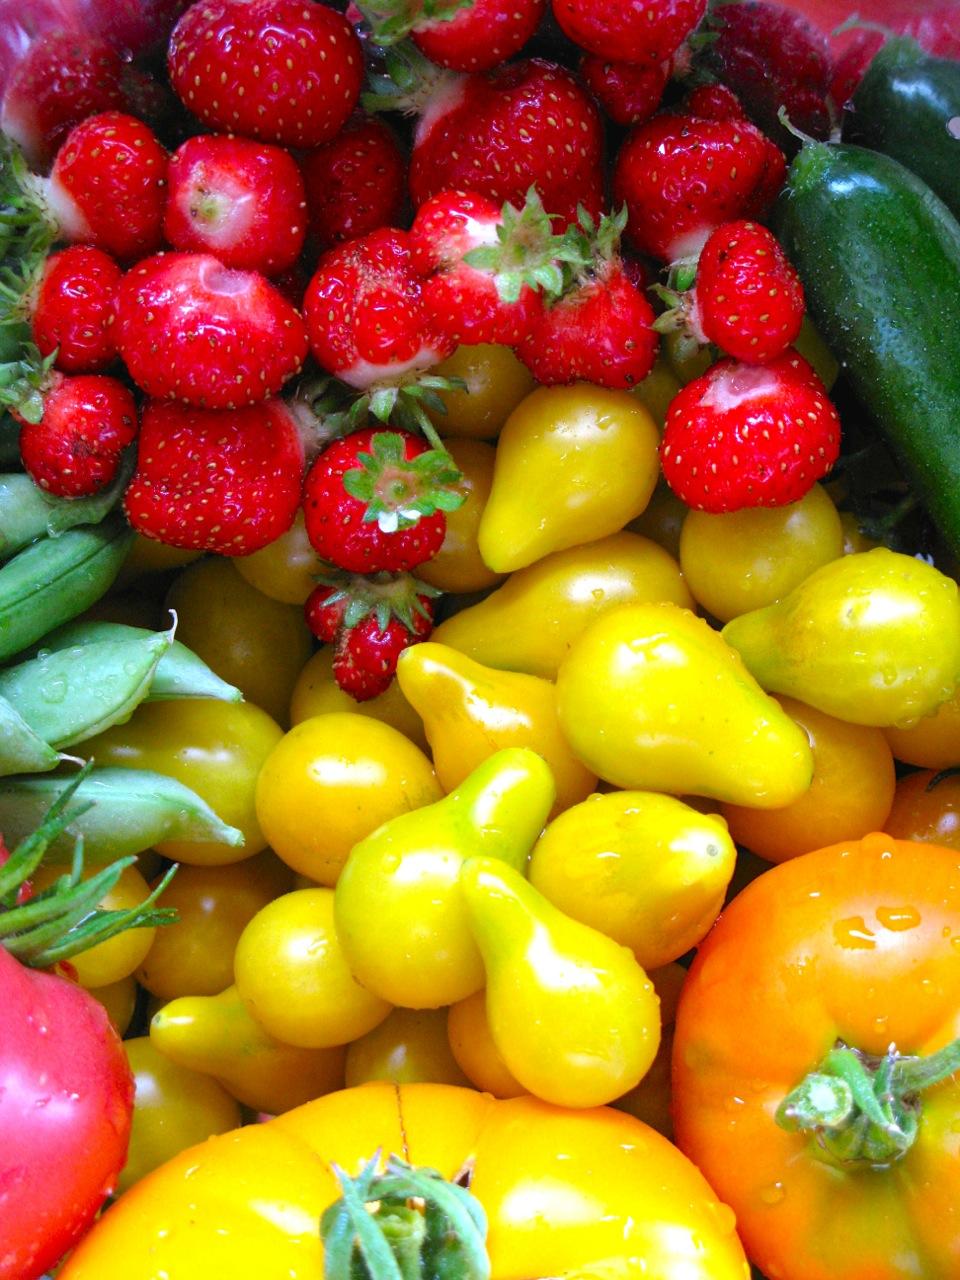 A morning's garden harvest